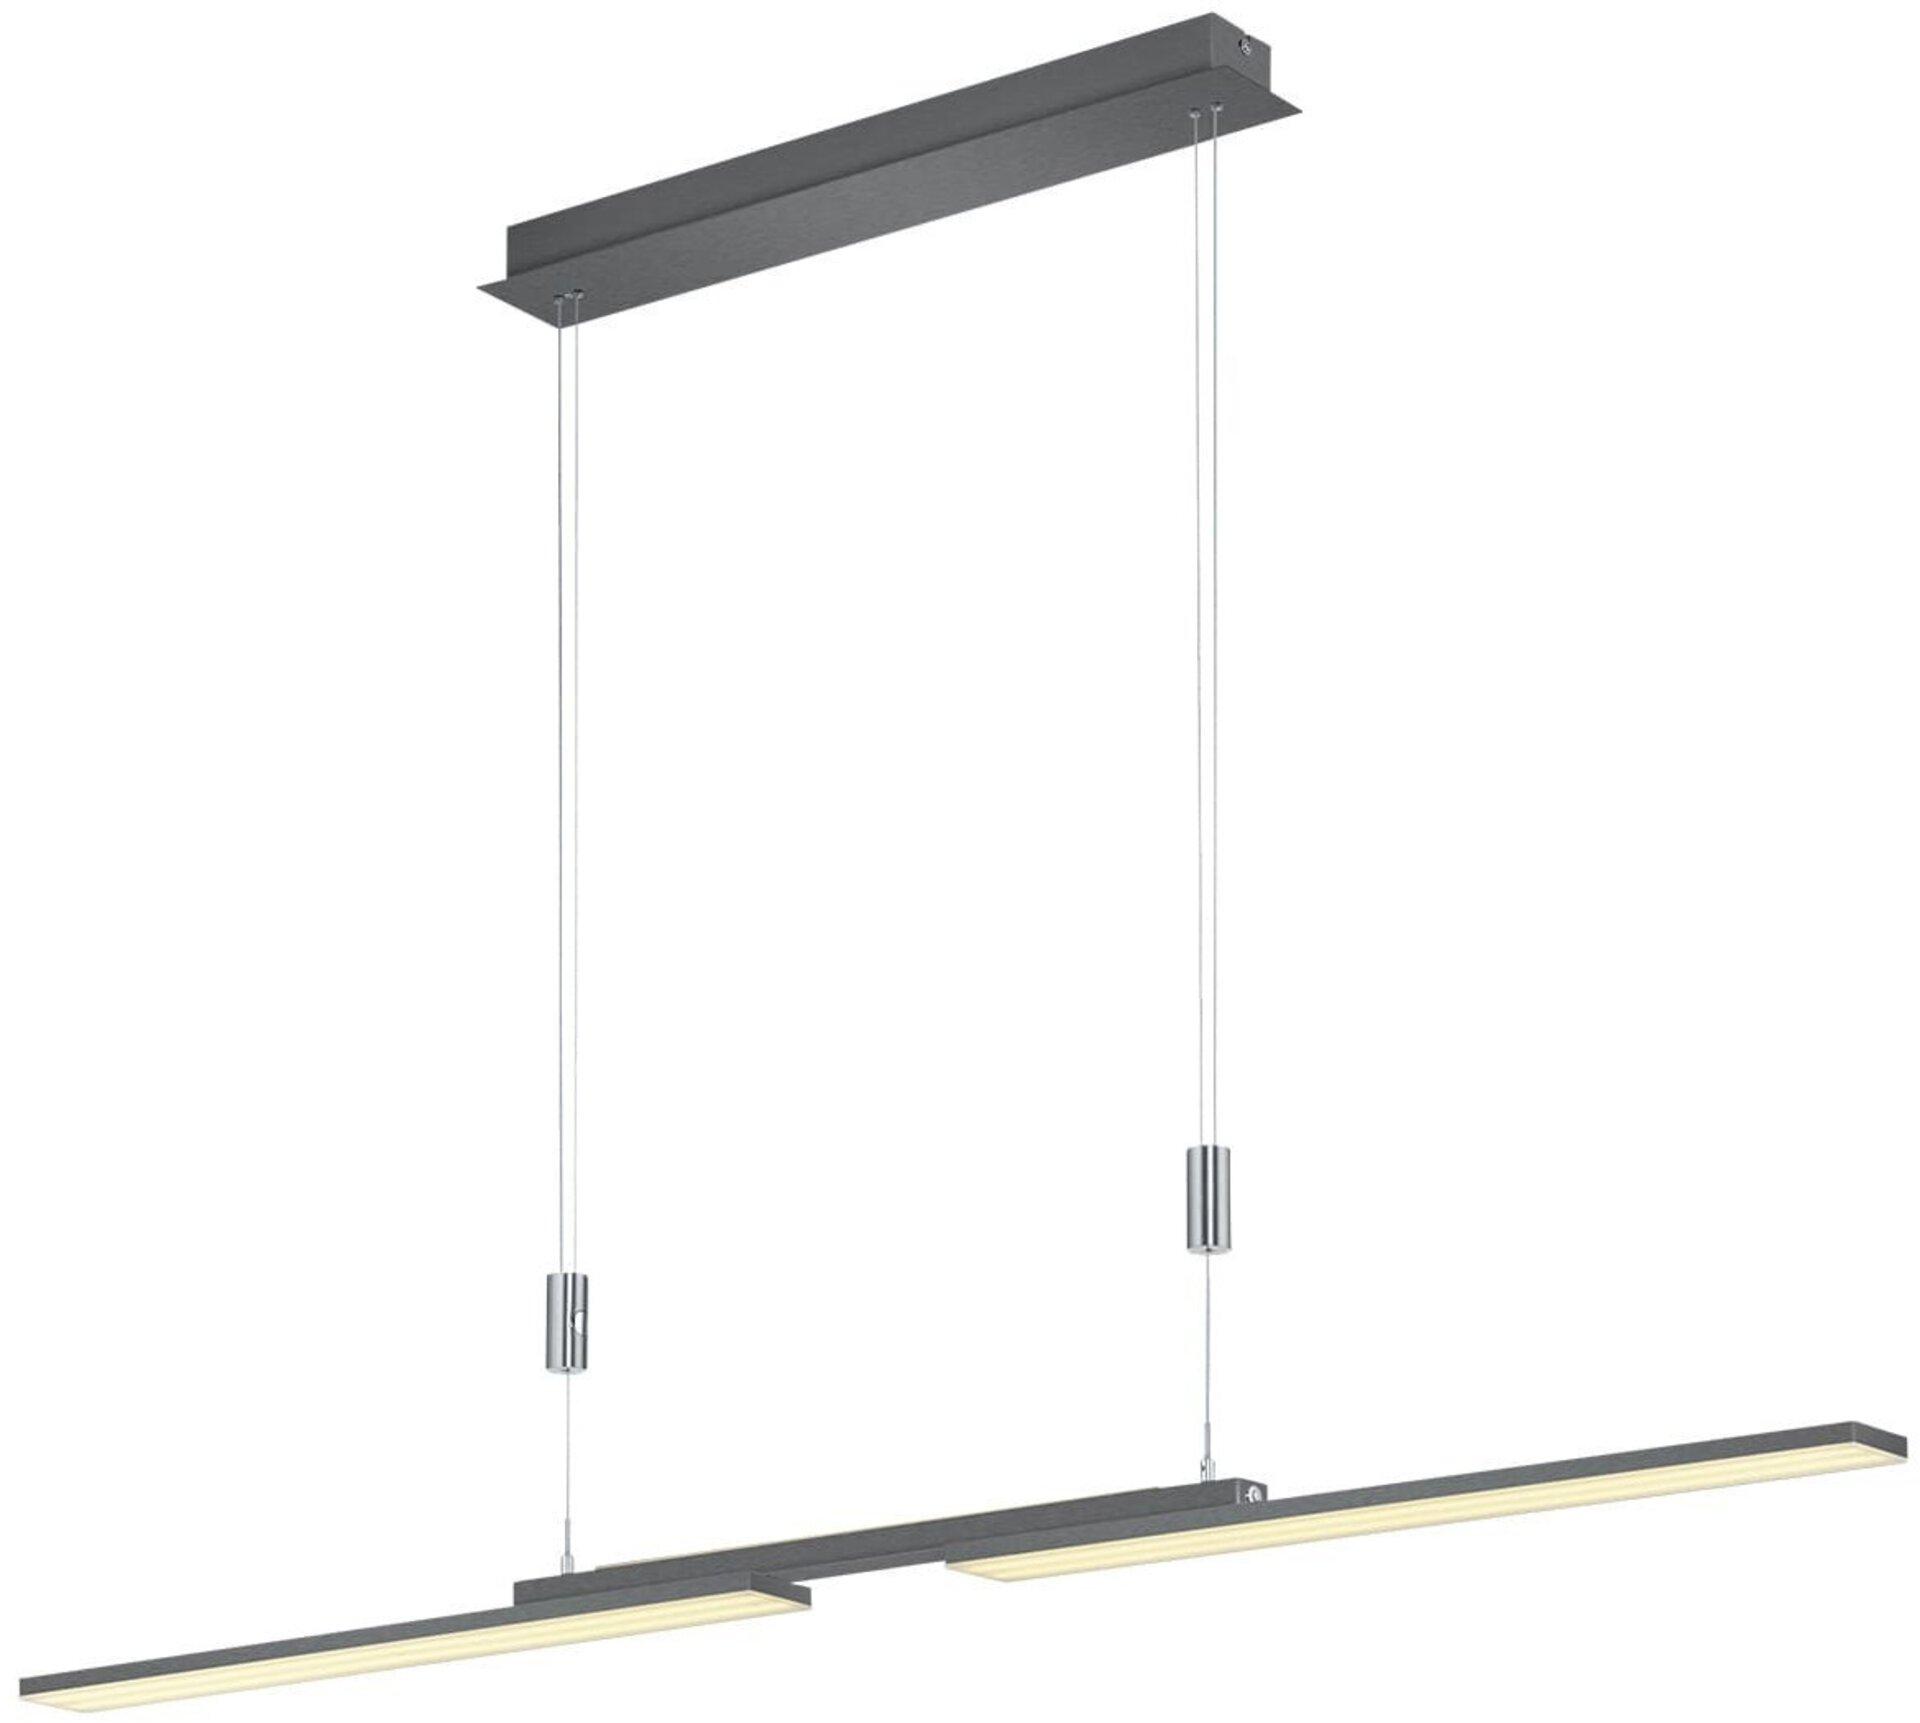 Hängeleuchte LESS B-Leuchten Metall grau 6 x 150 x 130 cm